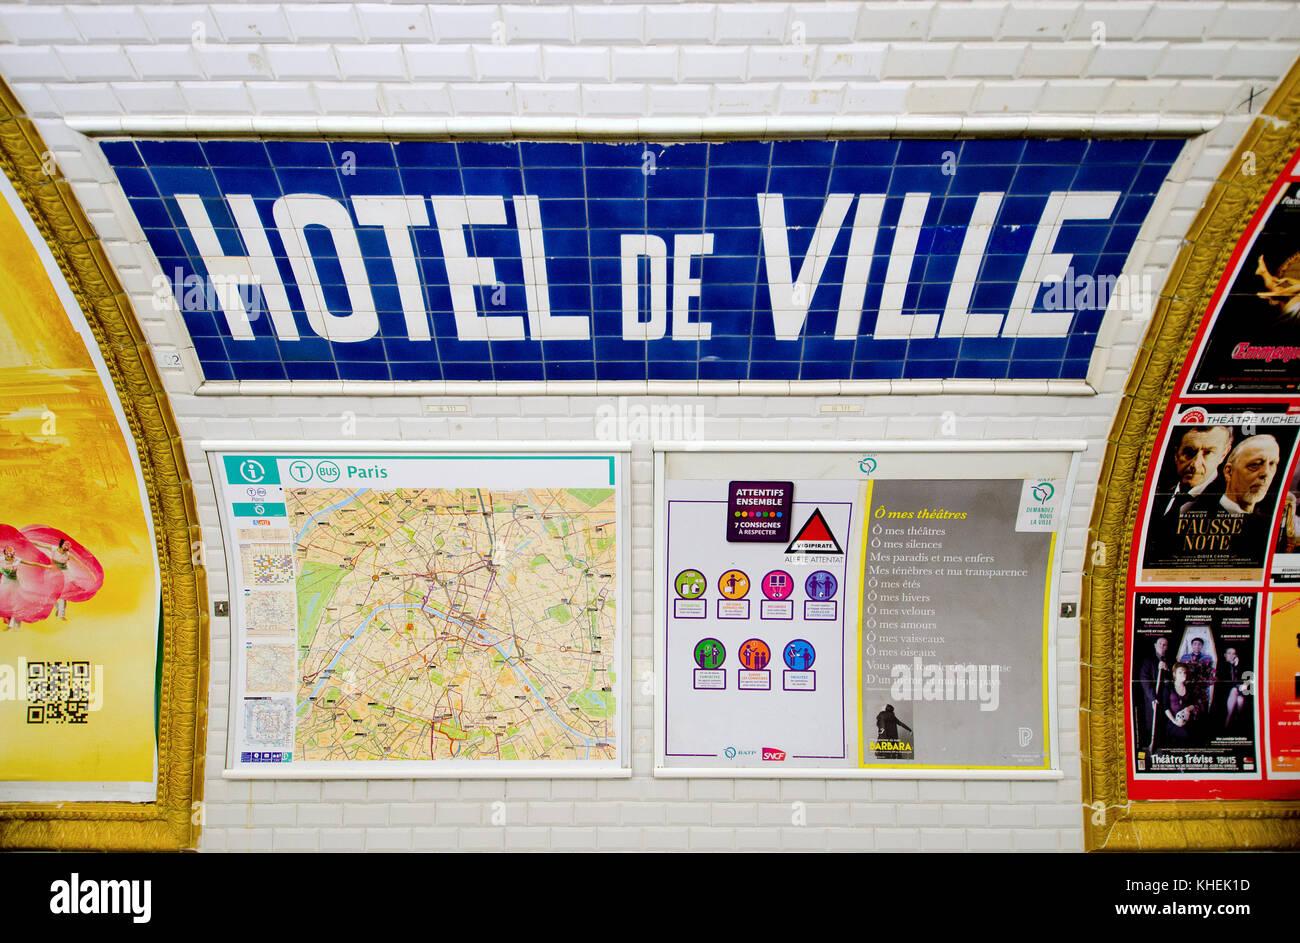 Paris France Paris Metro Station Hotel De Ville Tiled Design On